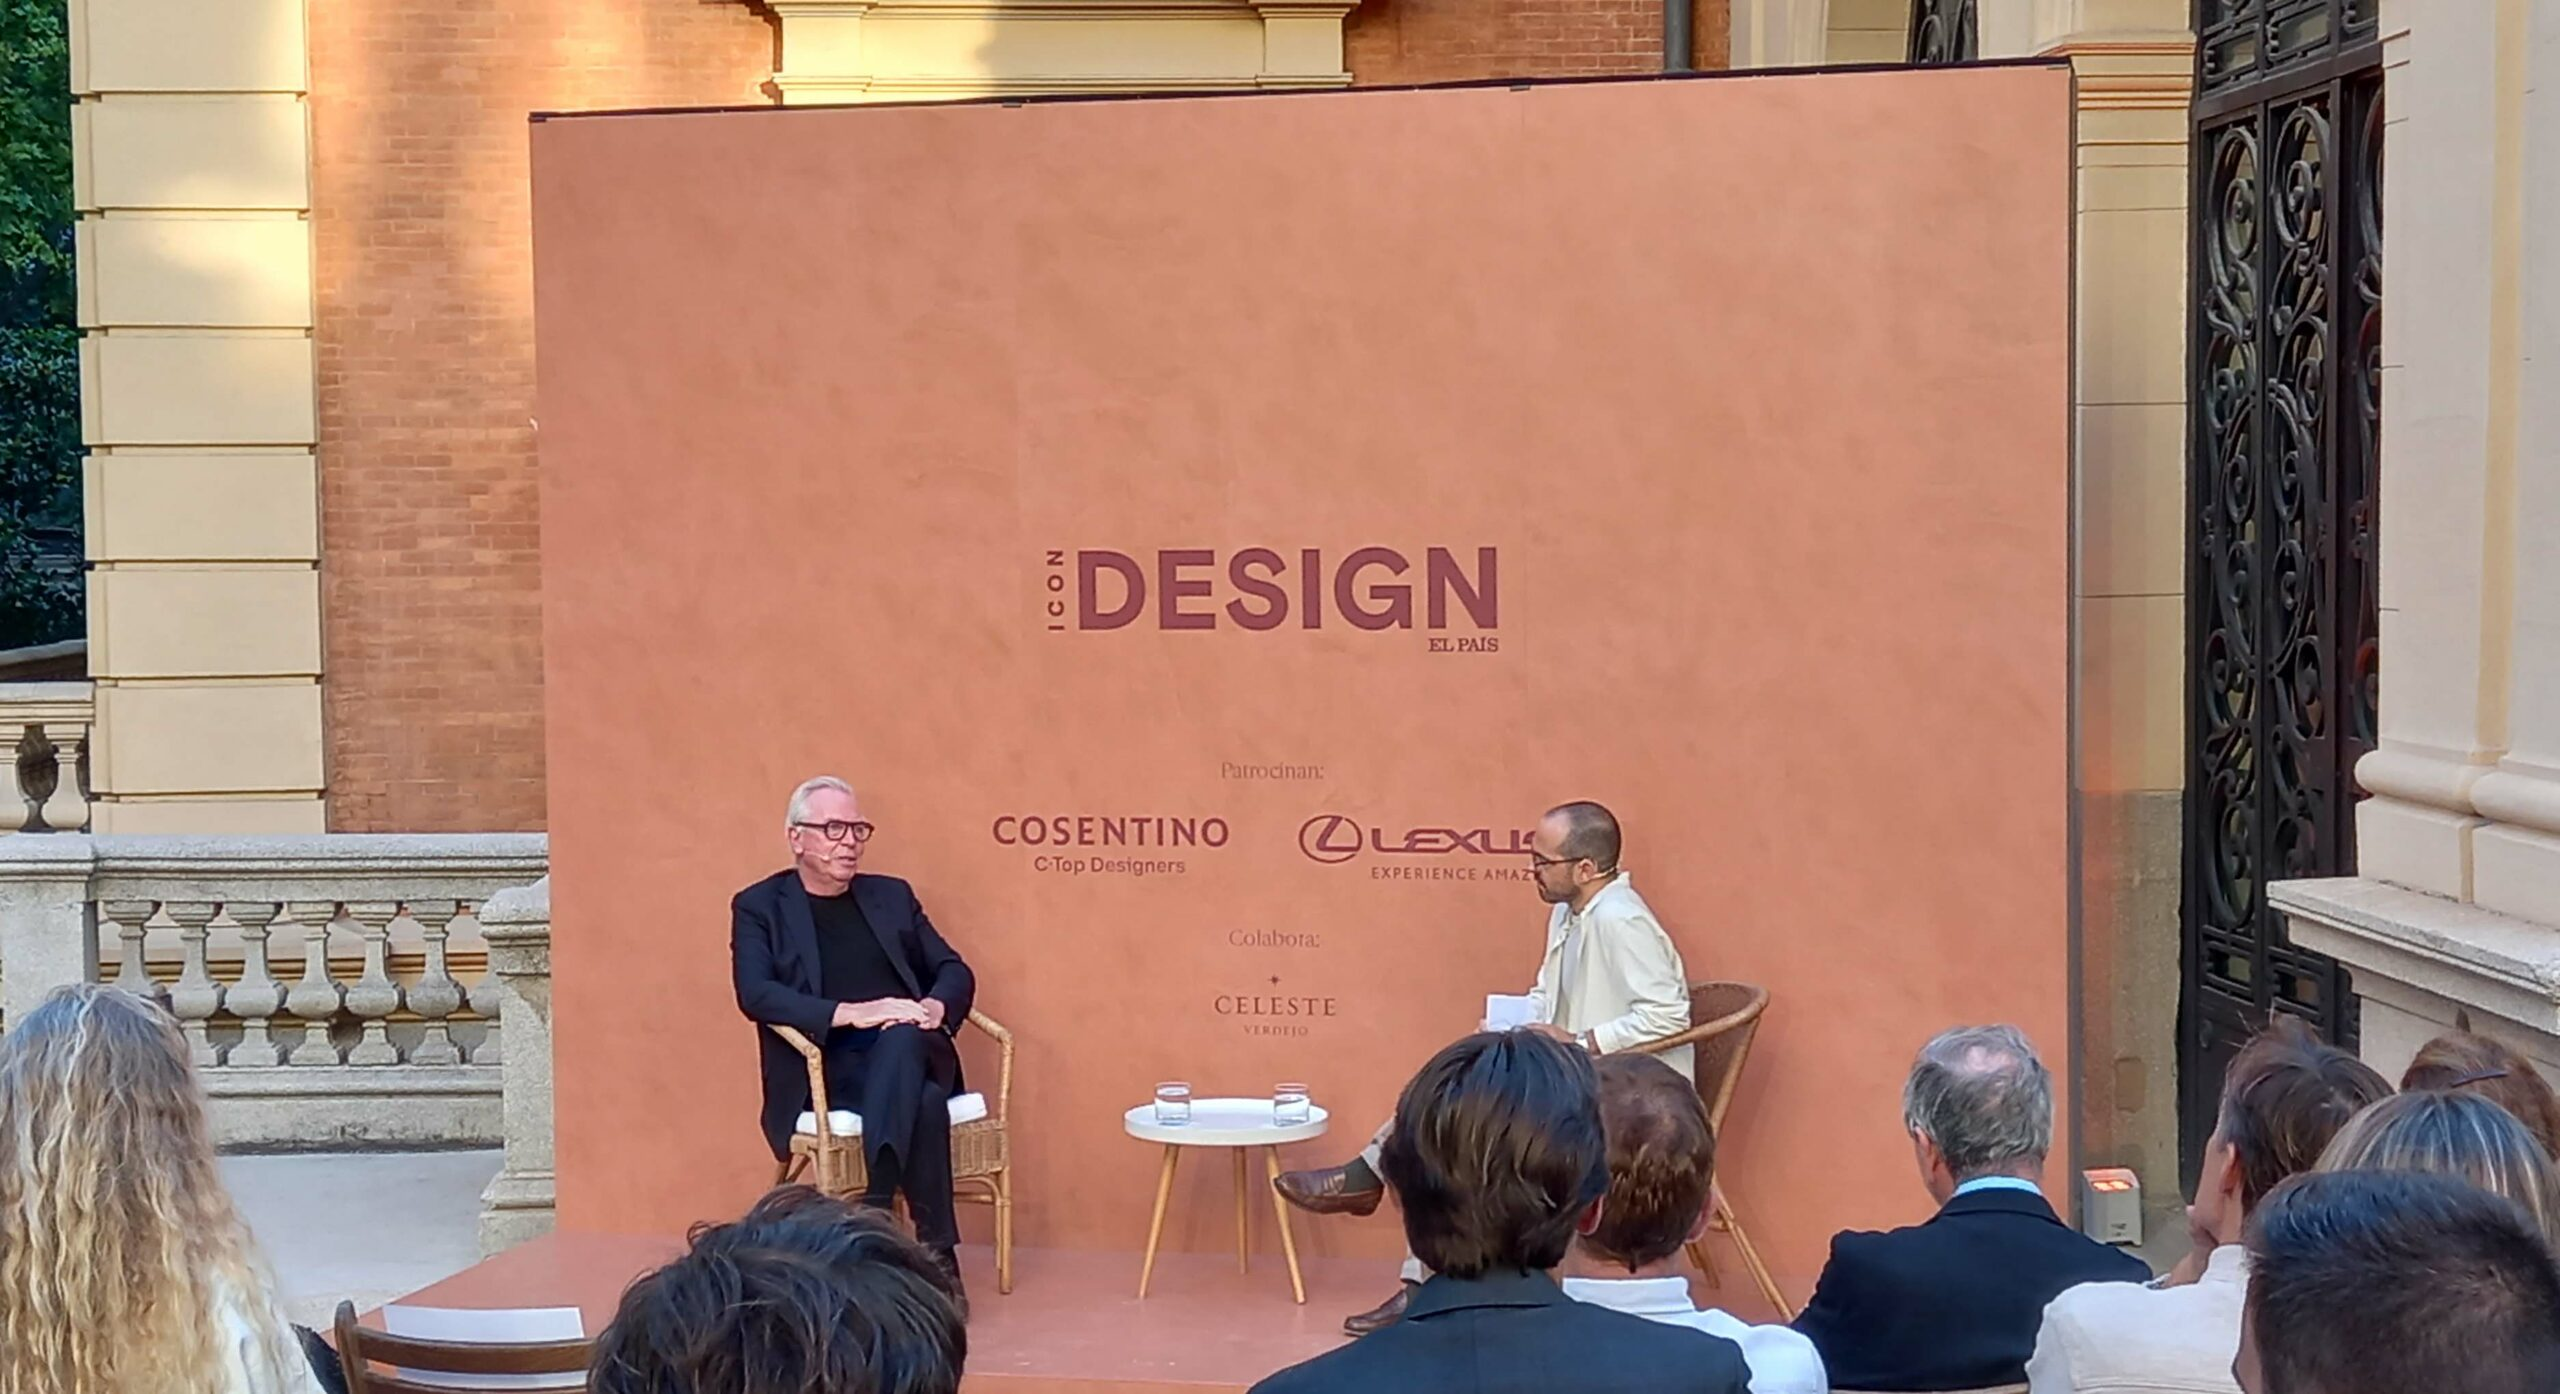 Image of David Chipperfield y Daniel García Evento ICON Design escenario Dekton by Cosentino web scaled 1 in Cosentino sponsors Madrid's ICON Design event featuring renowned architect, David Chipperfield - Cosentino